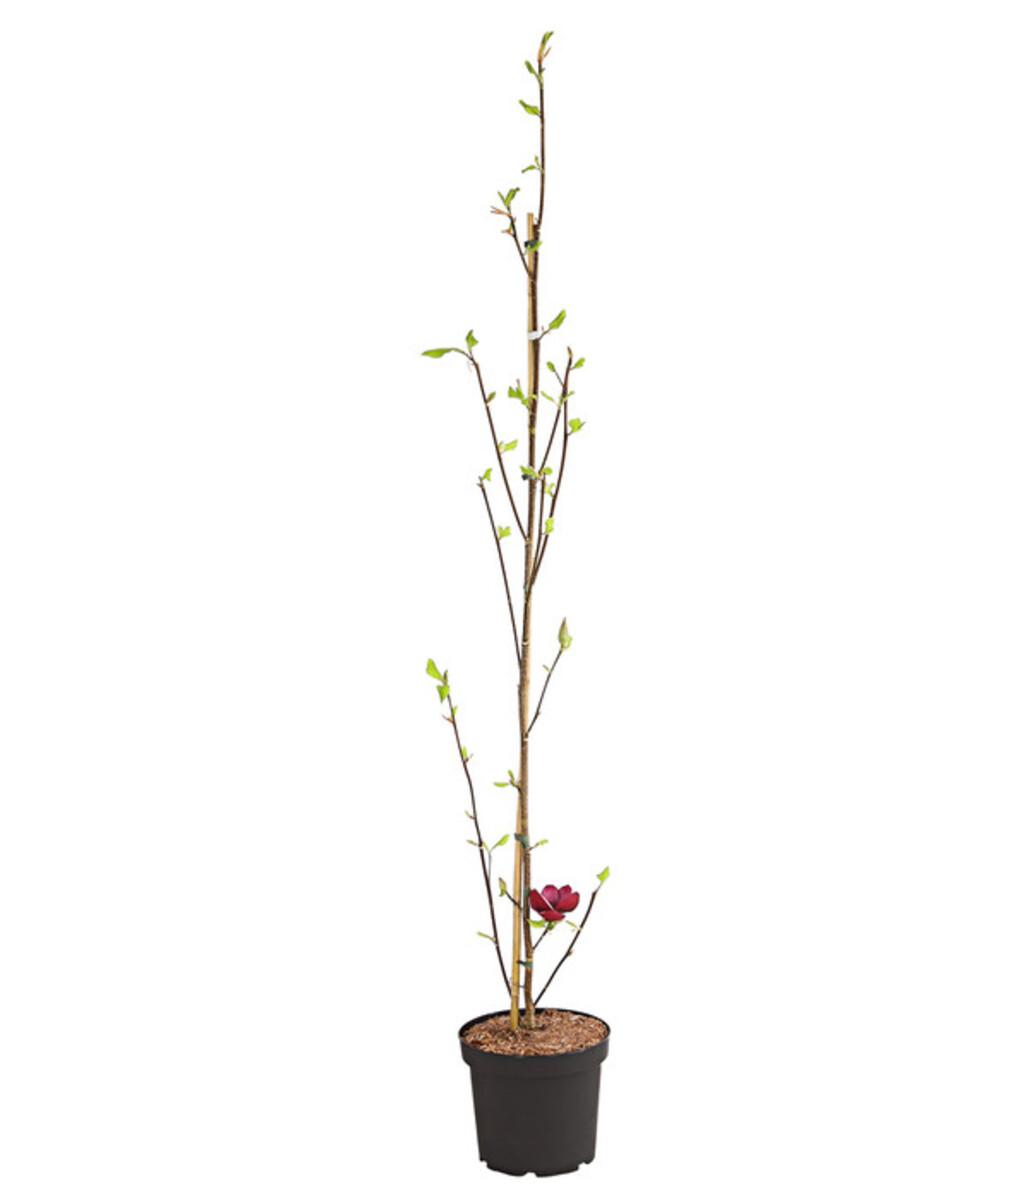 Bild 2 von Tulpen-Magnolie 'Genie'®